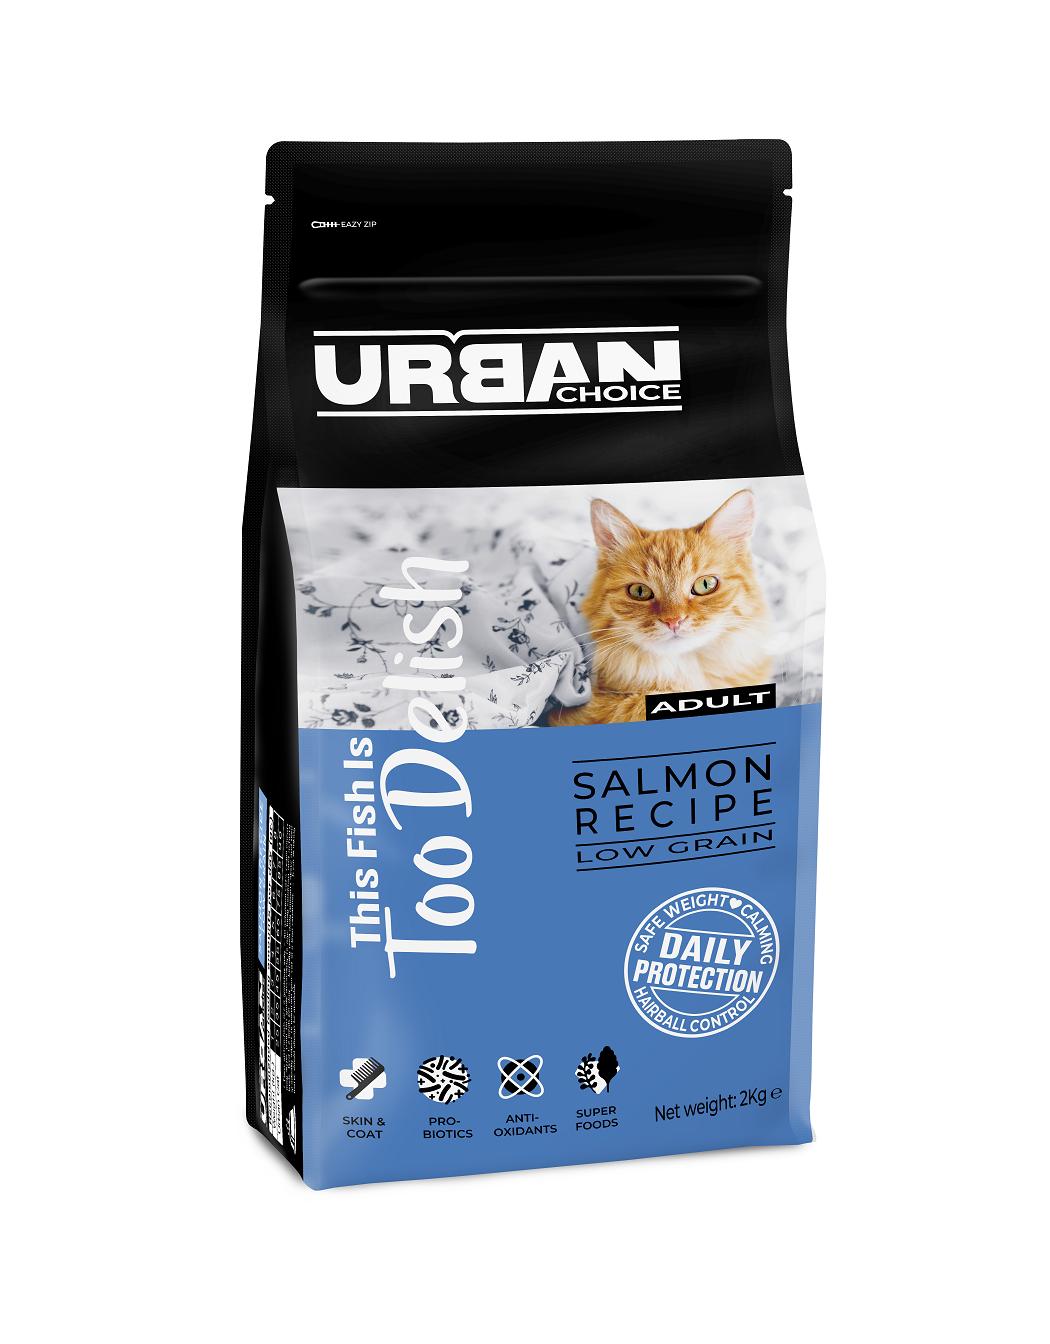 URBAN CHOICE  לחתול בוגר סלמון 2 קילוגרם